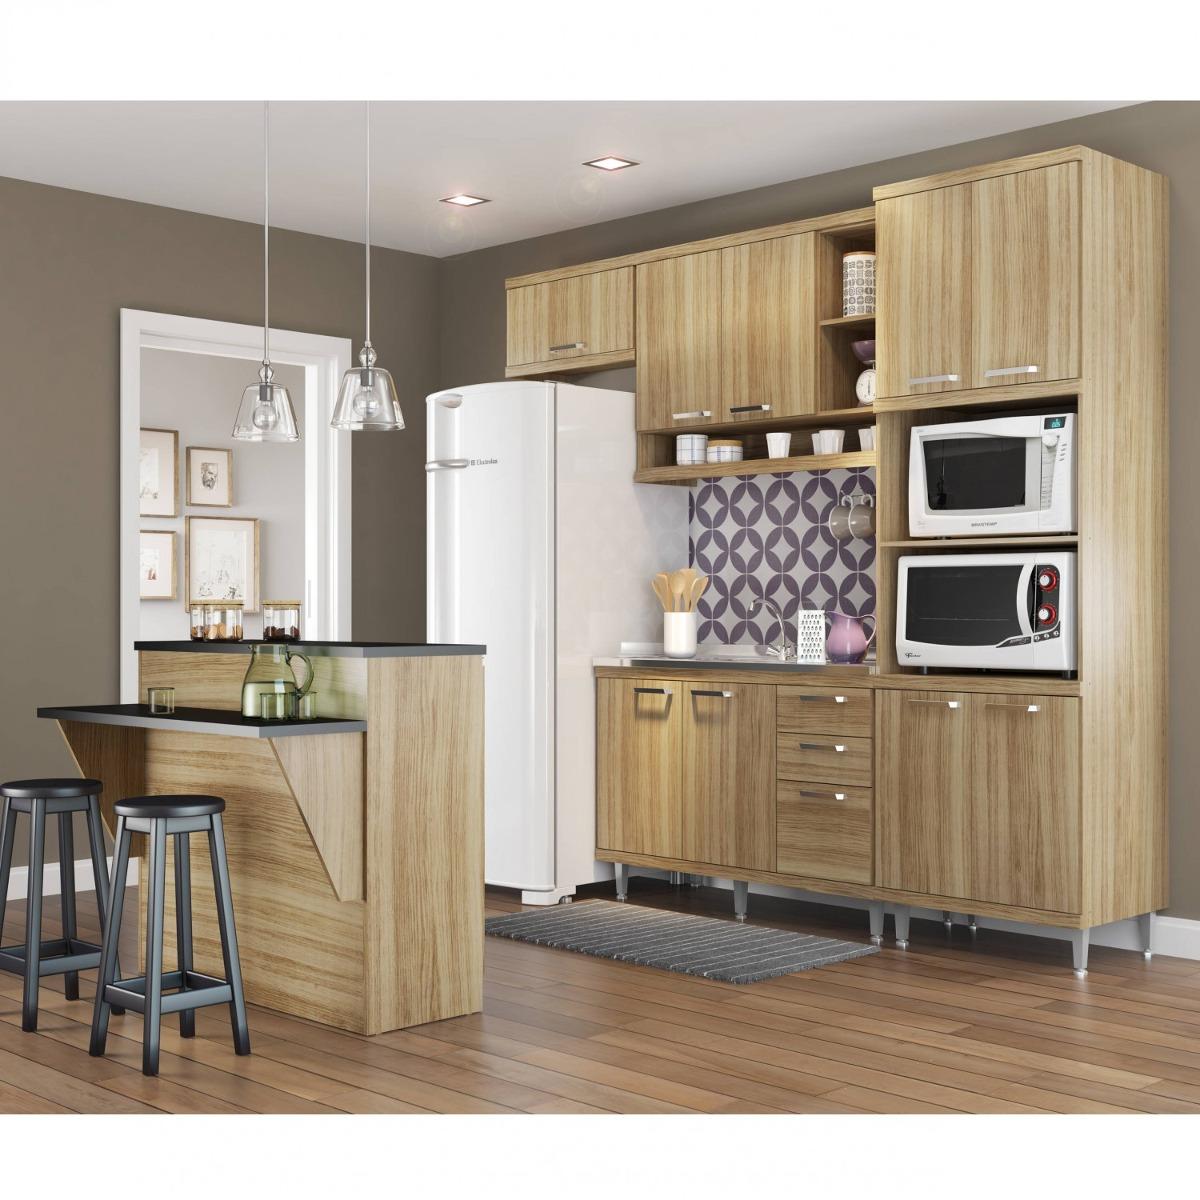 Cozinha Completa Com Bancada E Balc O Sem Tampo 5 Dcwt R 1 804 70